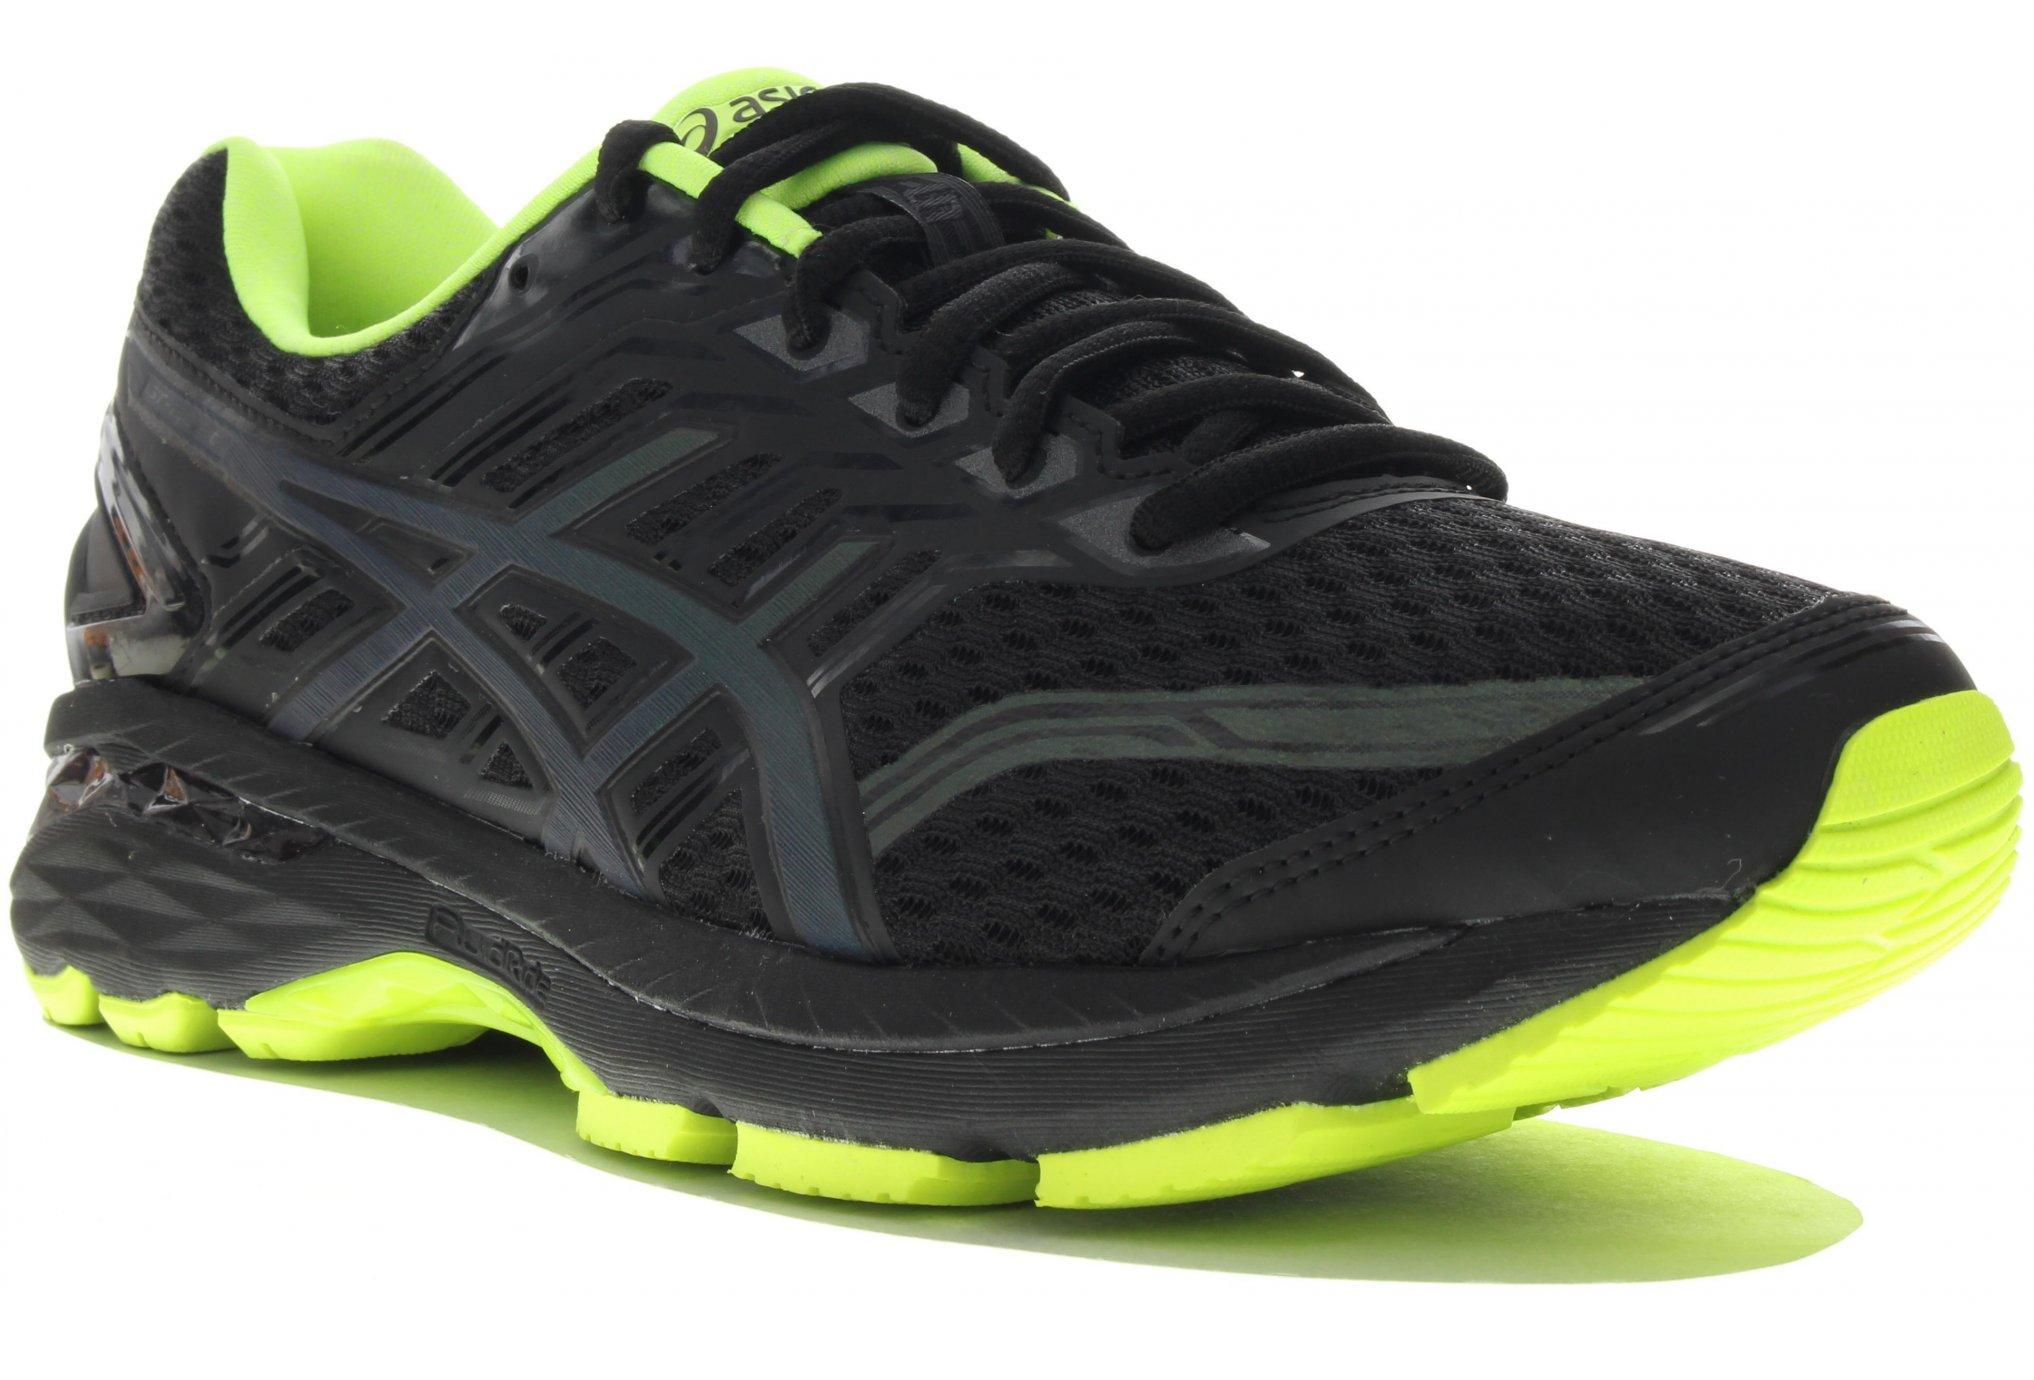 Asics GT-2000 5 Expert M Diététique Chaussures homme